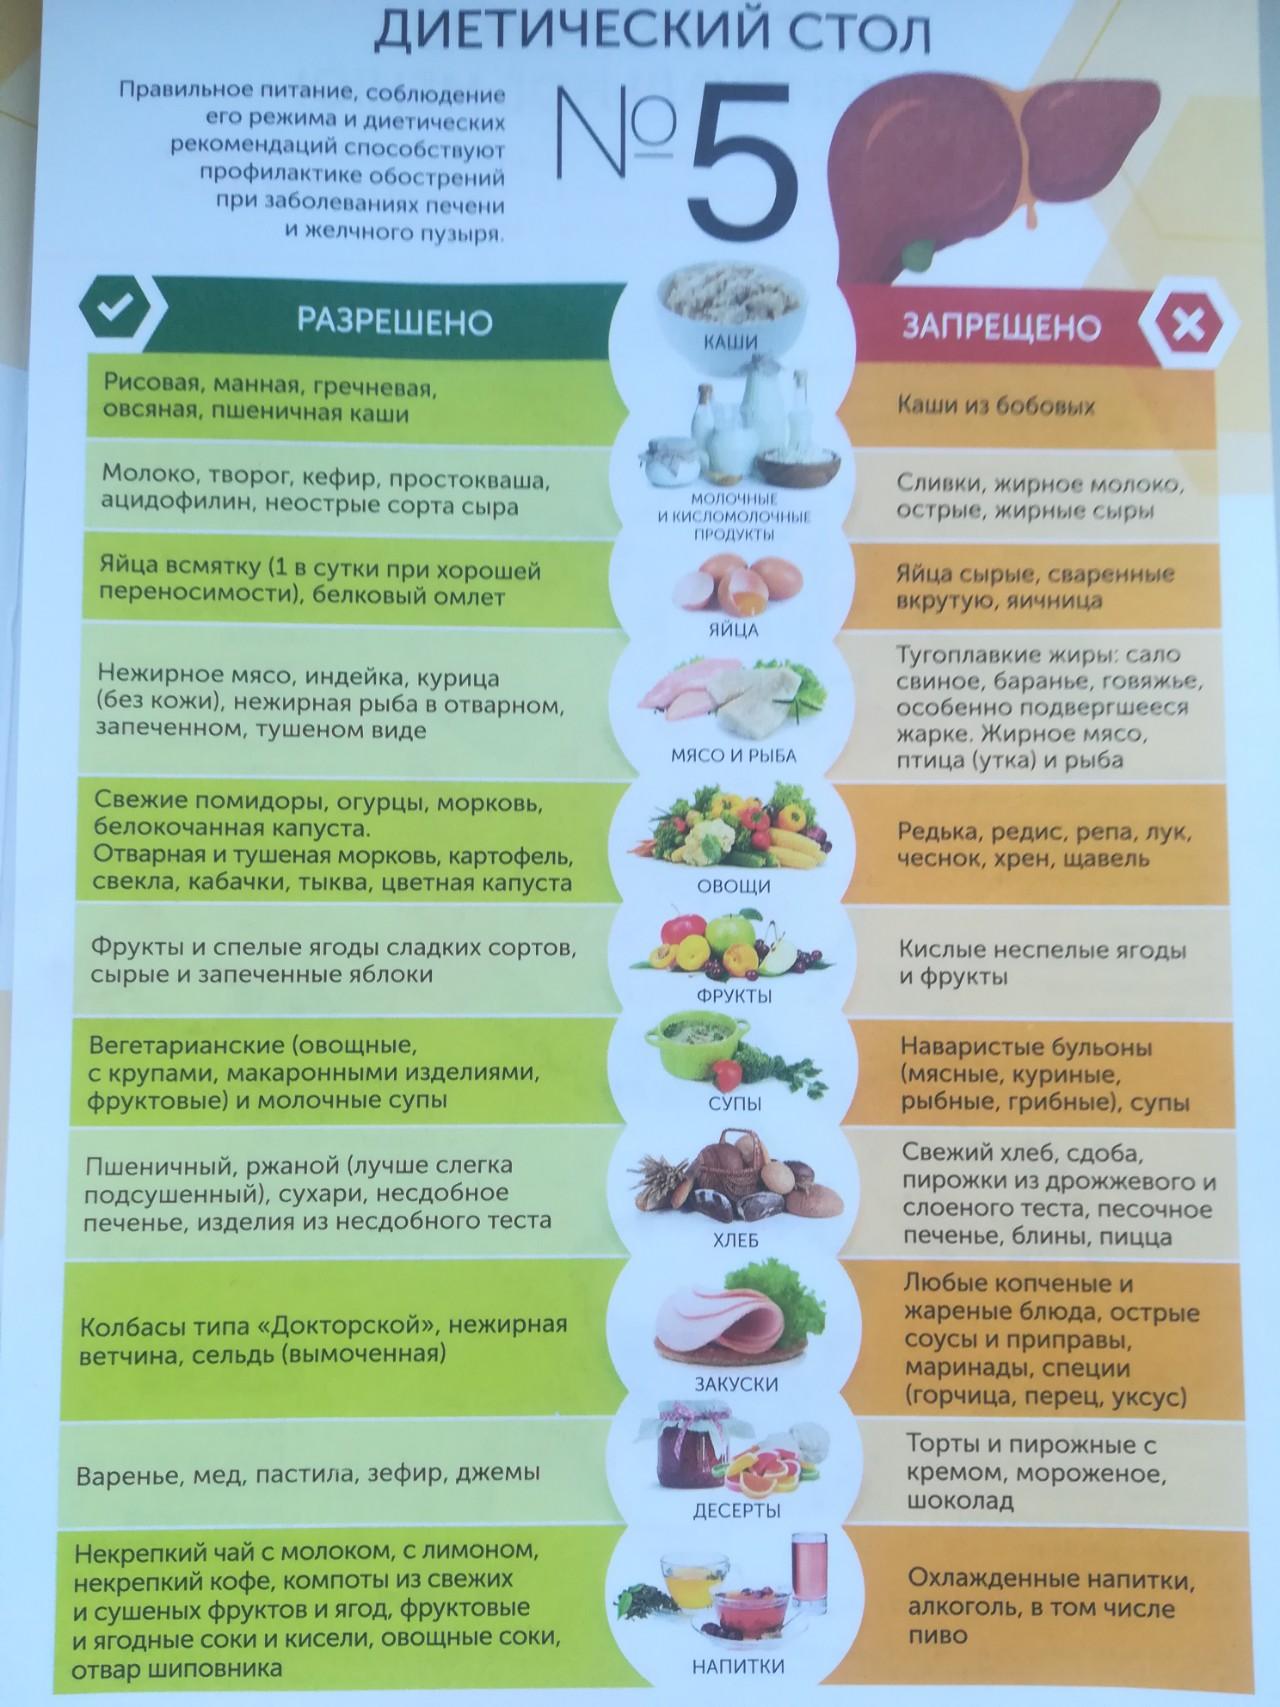 Какую Рыбу Можно При Диете 6. Диета стол № 6 при подагре и мочекаменных заболеваниях: показания к назначению, список разрешенных и запрещенных продуктов, меню на неделю и на каждый день, рецепты блюд